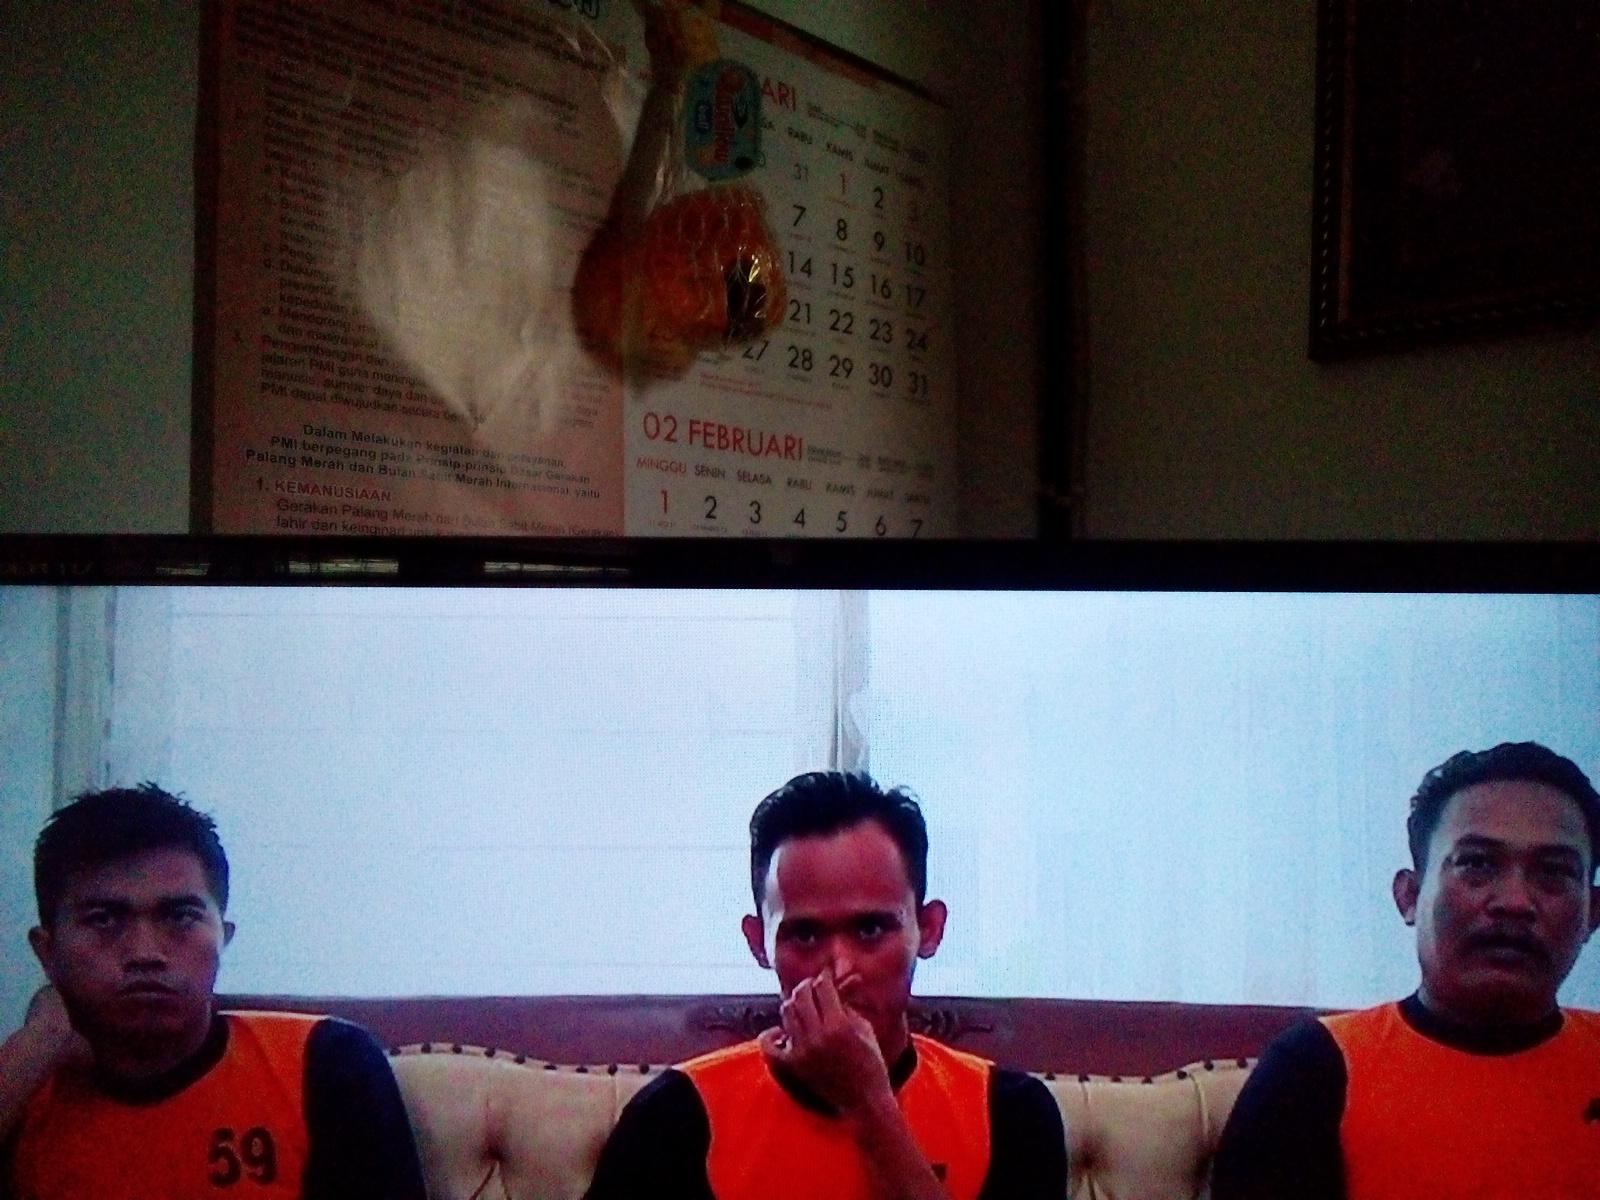 Tiga tersangka kasus dugaan korupsi dana hibah musala fiktif di Desa Bogorejo Kecamatan Sedan saat diperiksa di Kejaksaan Negeri Rembang. (Foto: Pujianto)